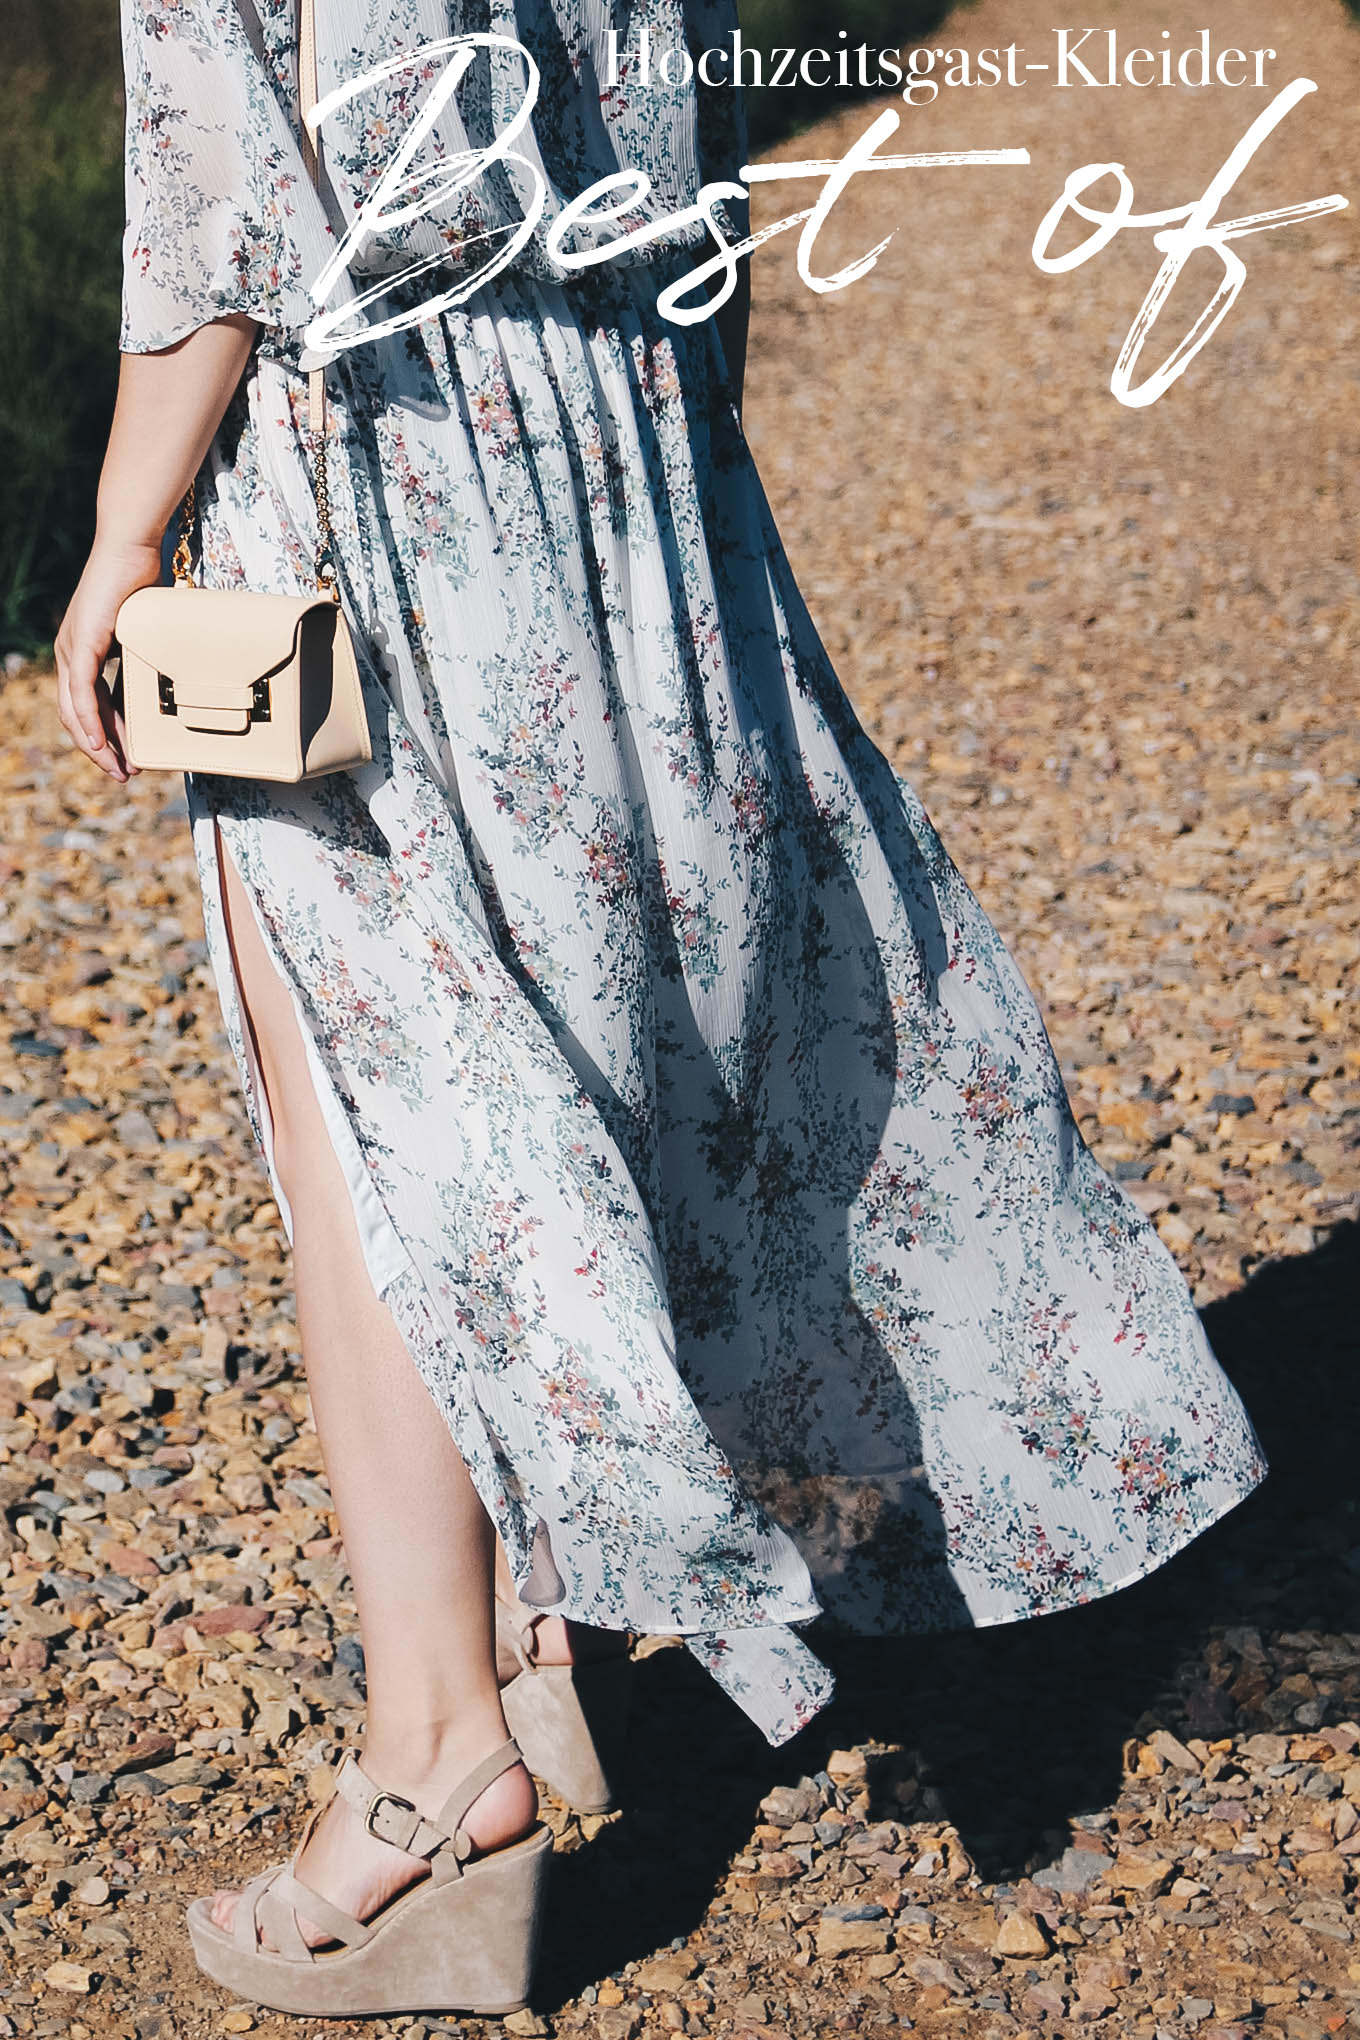 Dresscode Hochzeit: Die Schönsten Kleider Für Hochzeitsgäste